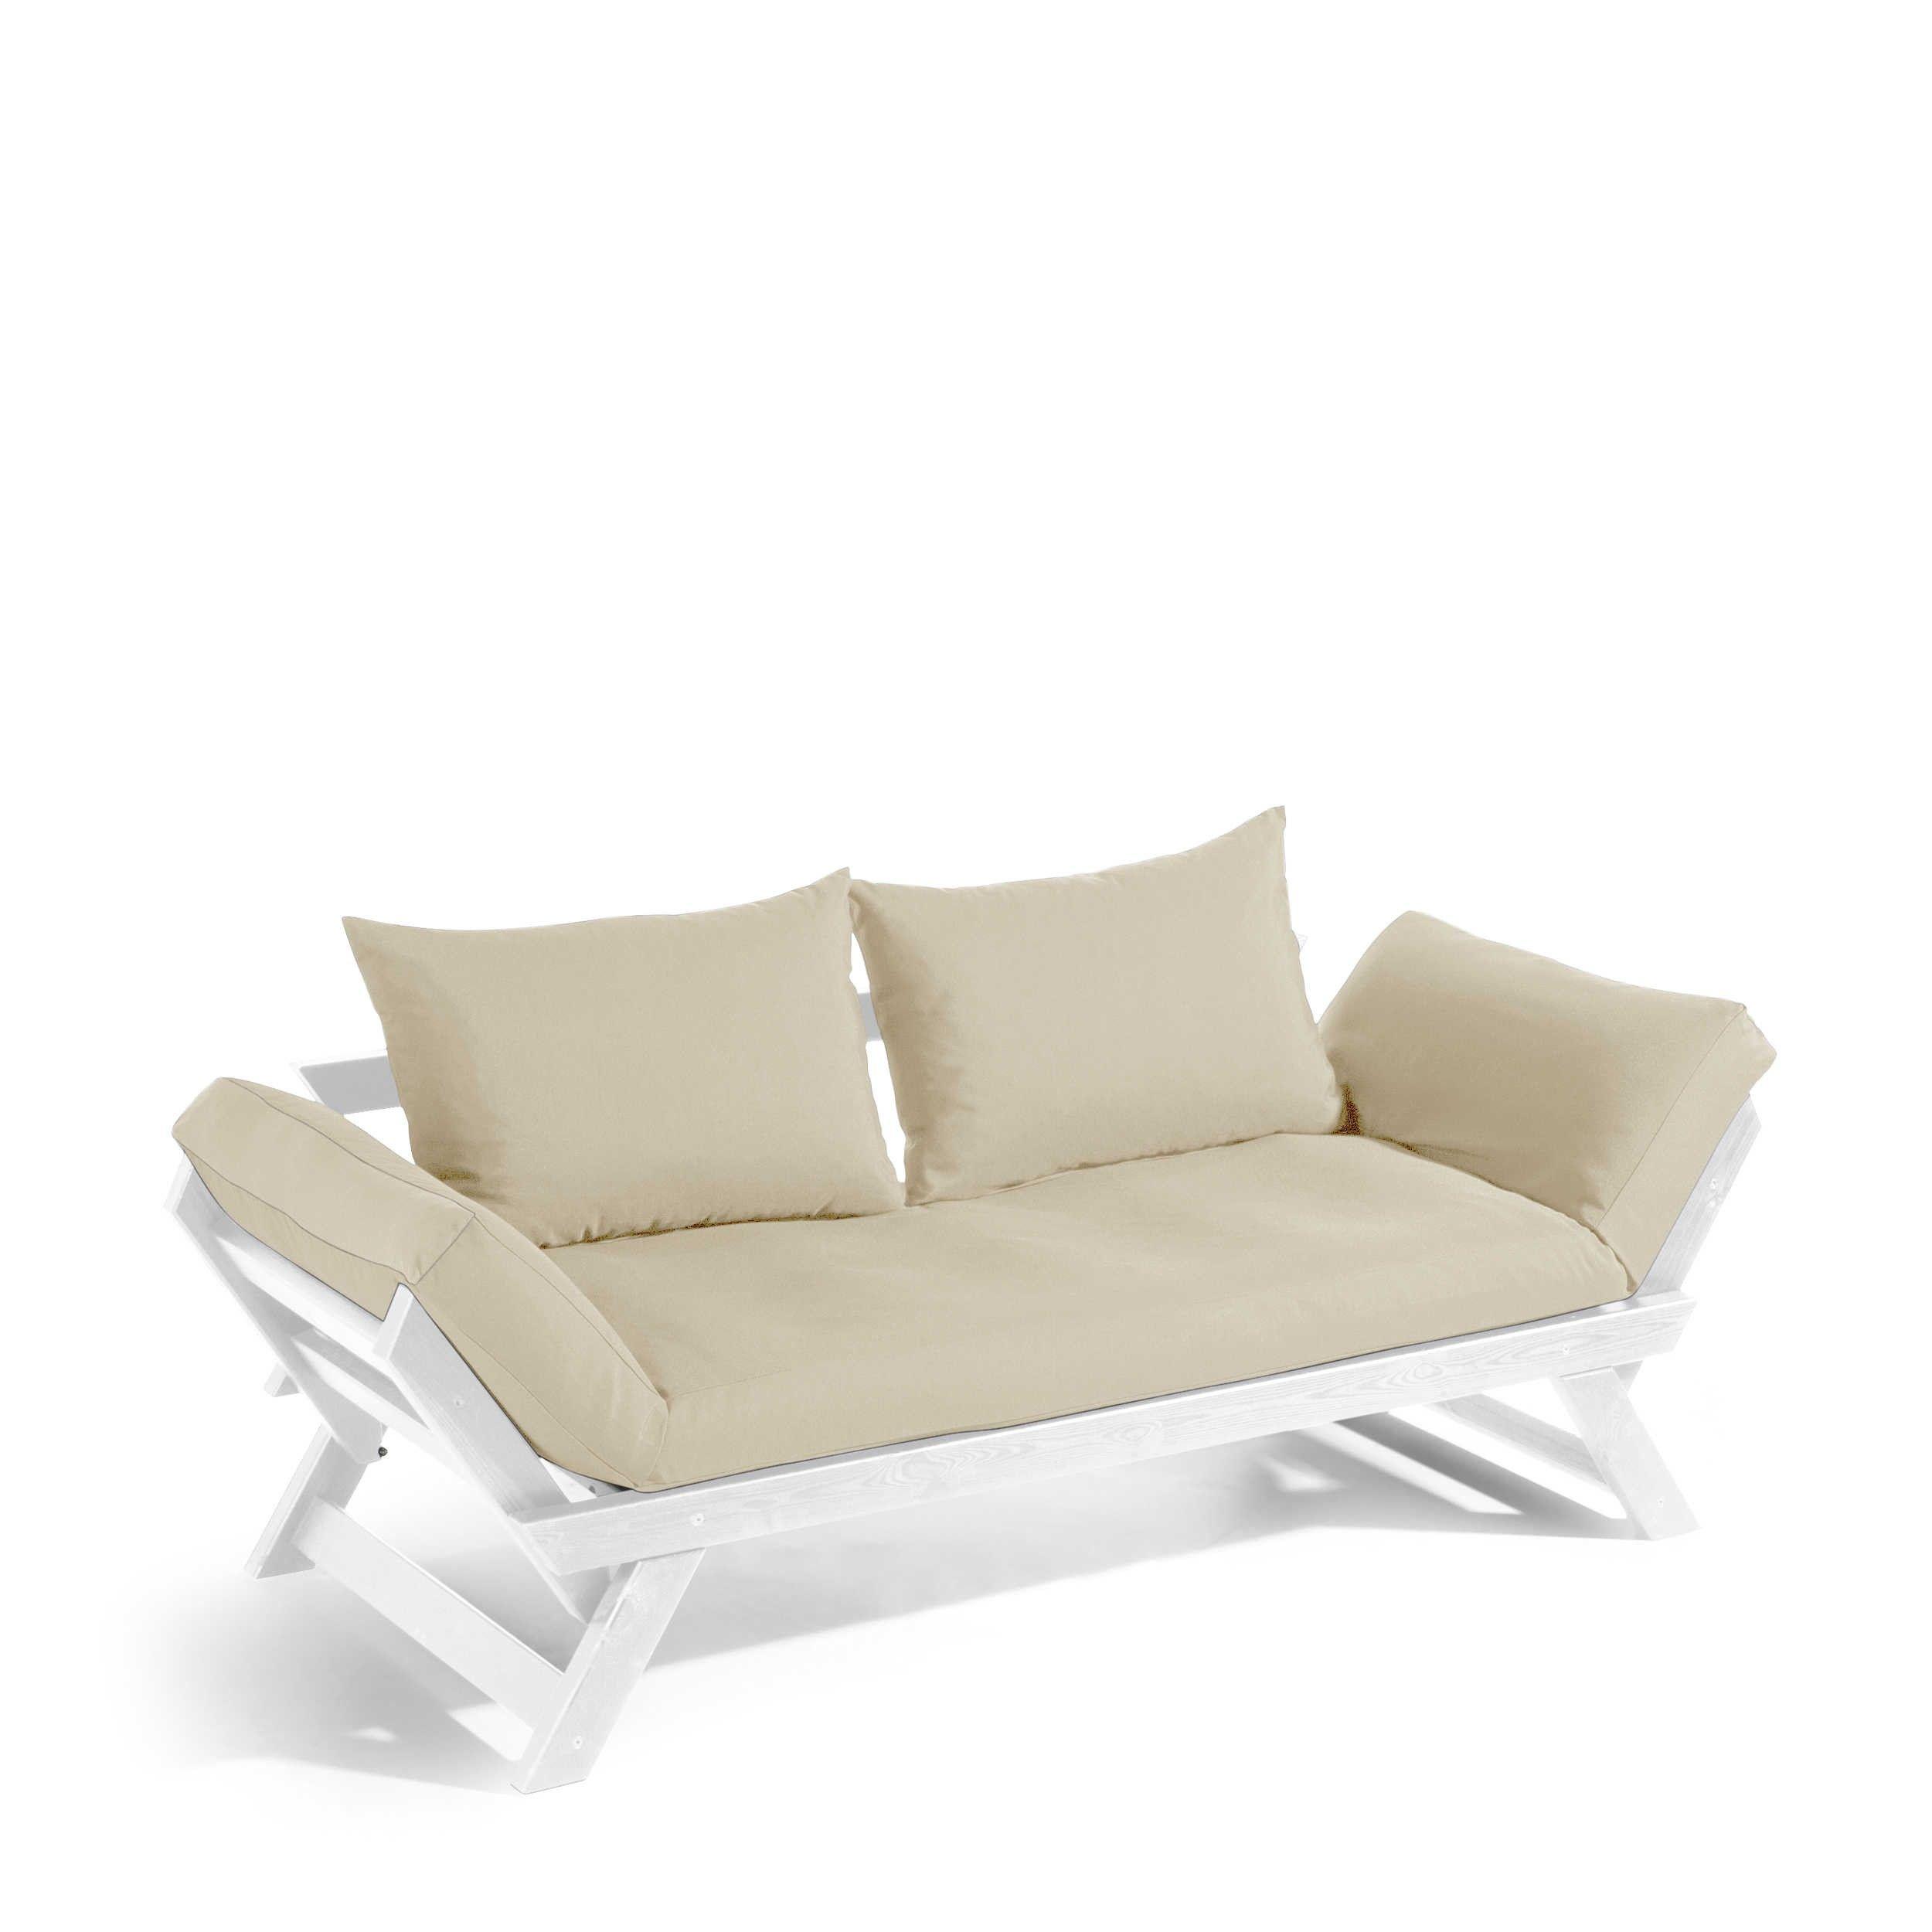 karup schlafsofa bebop braun stoff online kaufen bei schlafsofas pinterest schlafsofa. Black Bedroom Furniture Sets. Home Design Ideas